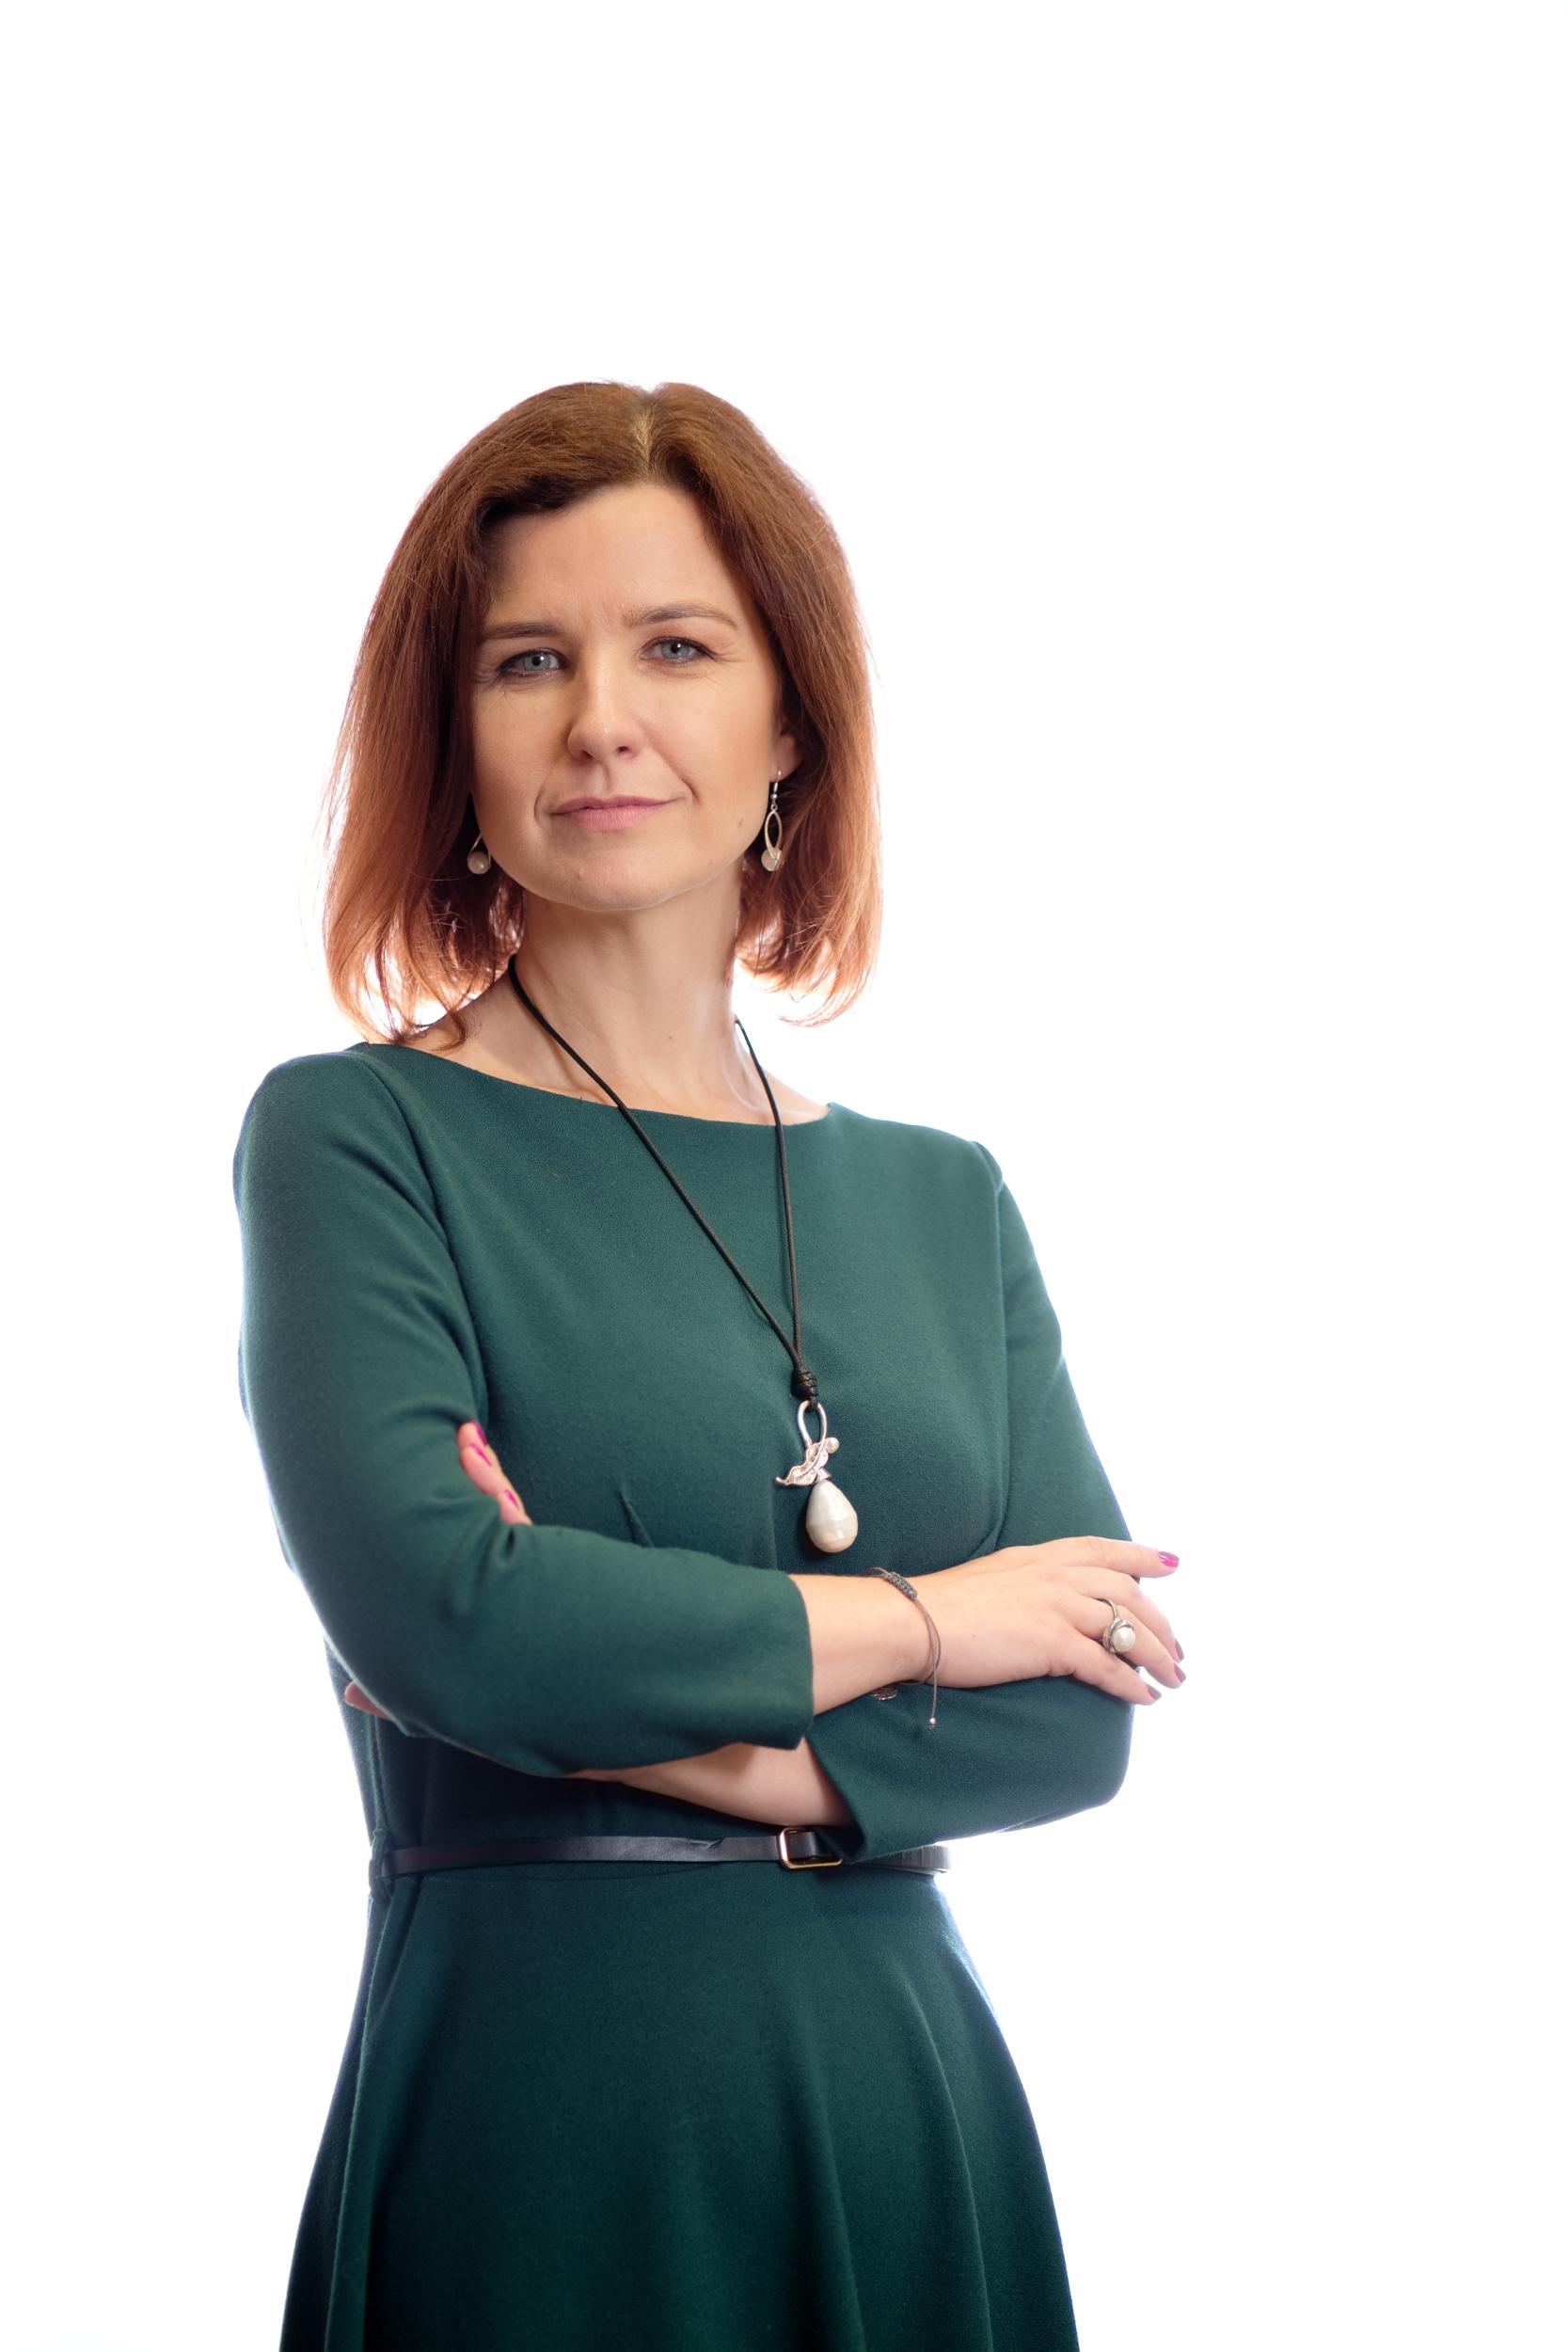 Małgorzata Torój